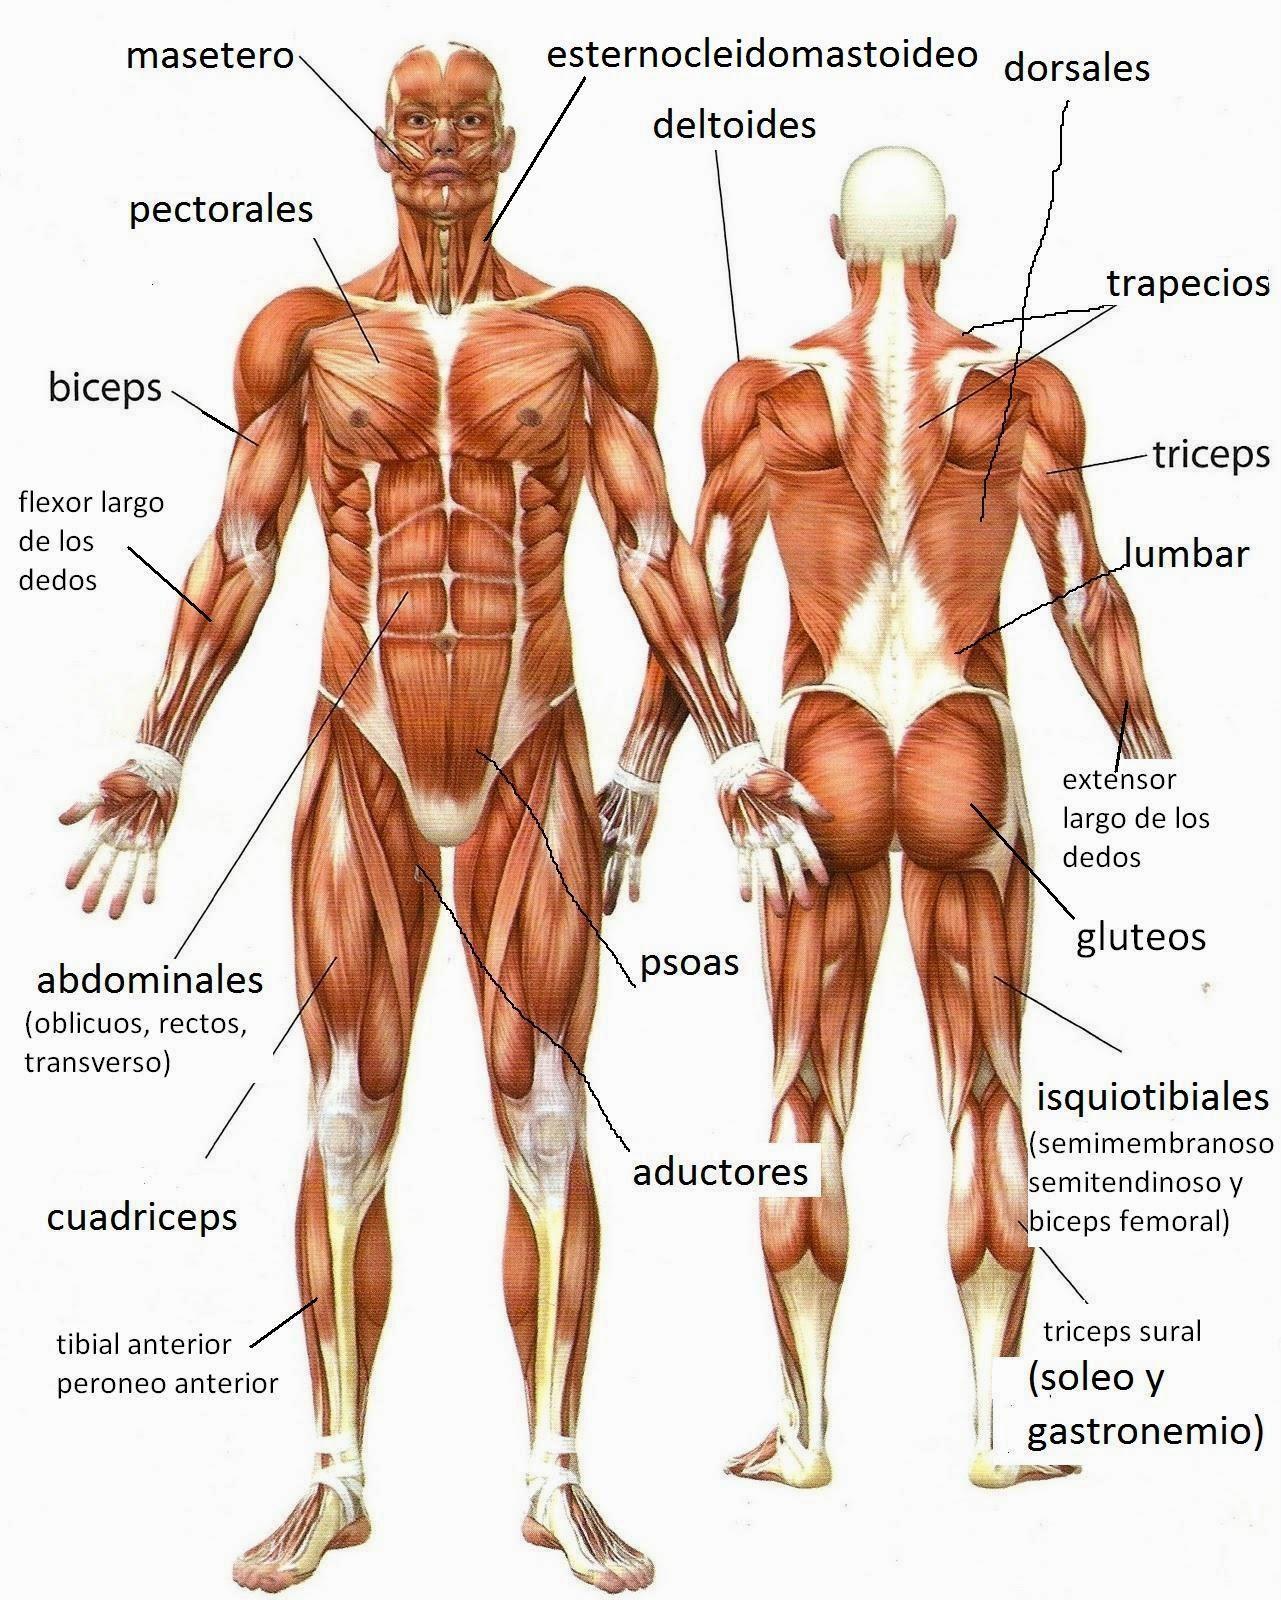 musculos-del-cuerpo-humano-1